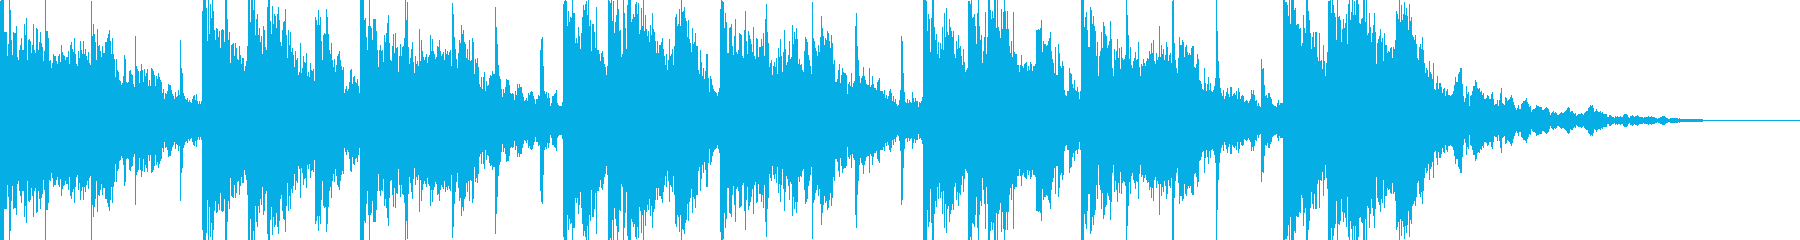 用途様々。17秒ループ音源。の再生済みの波形